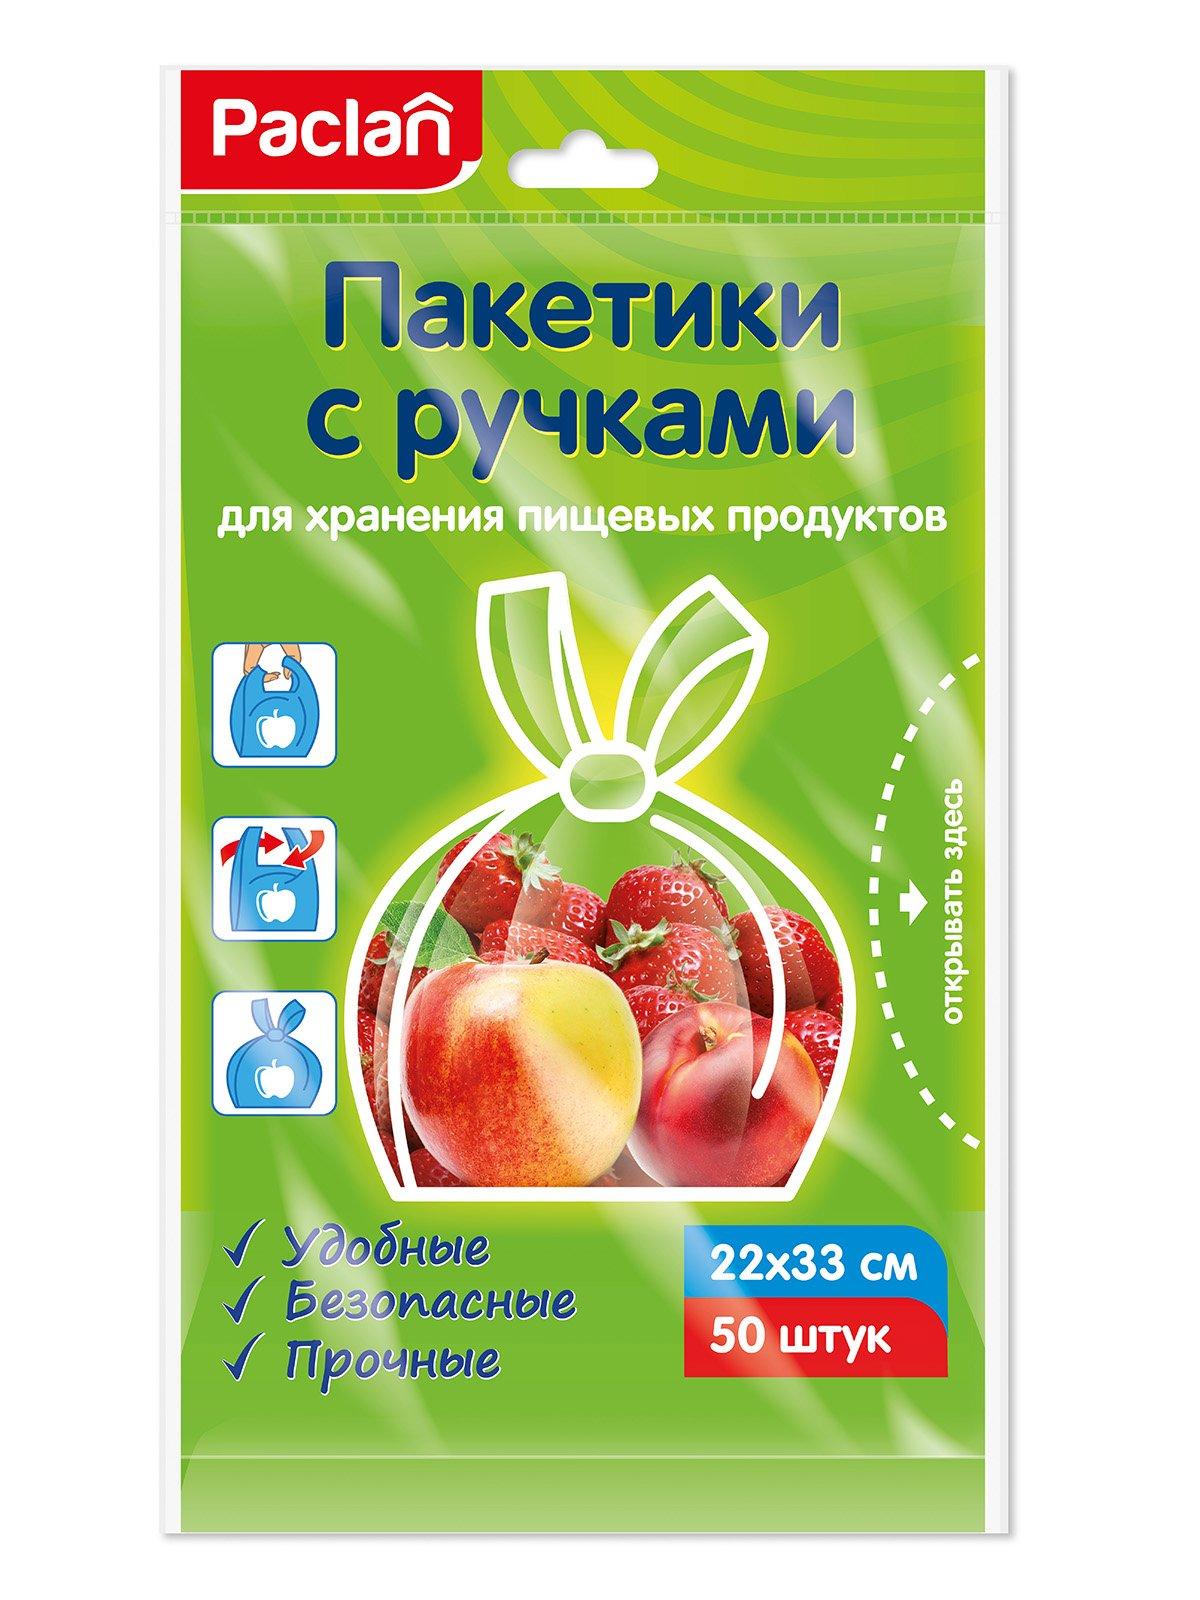 Пакеты Paclan с ручками для хранения пищевых продуктов (50 шт.) | 3167127